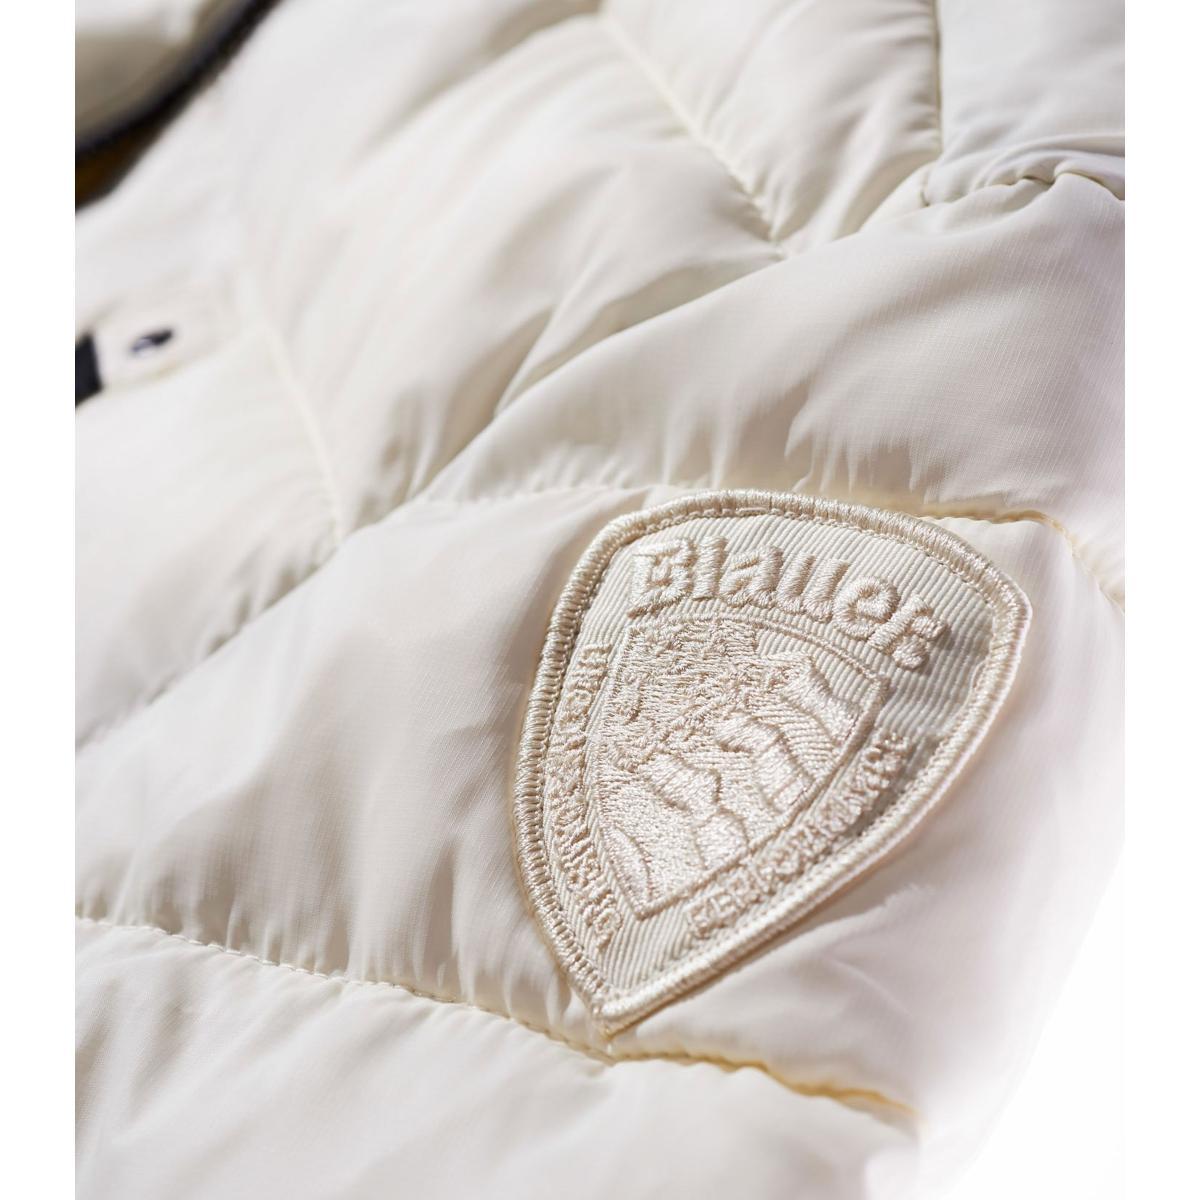 Giubbotto Piumino da donna Blauer USA Con Cappuccio Imbottito Rif. 18WBLDC02118-005052